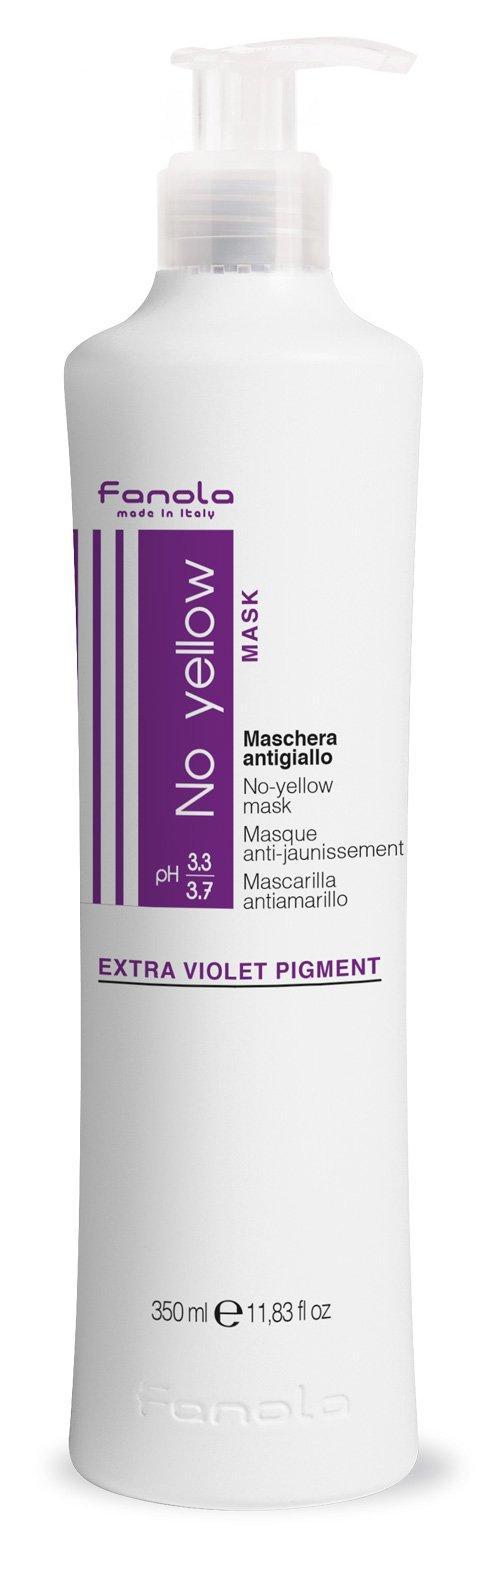 Fanola No Yellow Mask, 350 ml